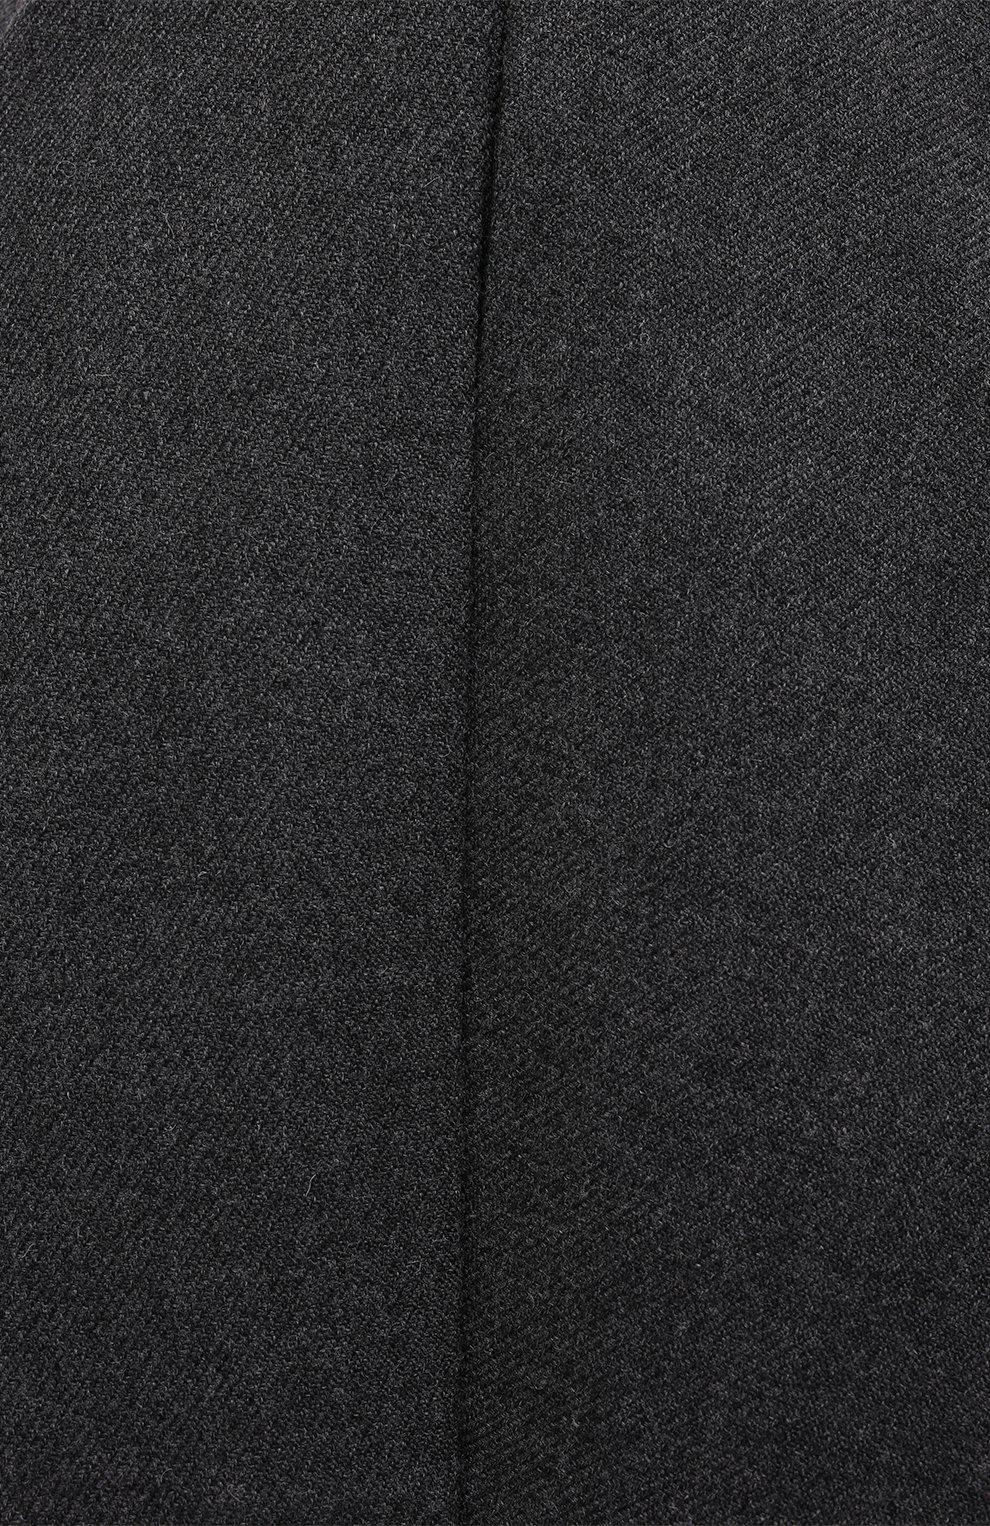 Женские шерстяные шорты BARBARA BUI серого цвета, арт. W1651WAR   Фото 5 (Женское Кросс-КТ: Шорты-одежда; Материал внешний: Шерсть; Длина Ж (юбки, платья, шорты): Мини; Материал подклада: Синтетический материал; Стили: Кэжуэл)